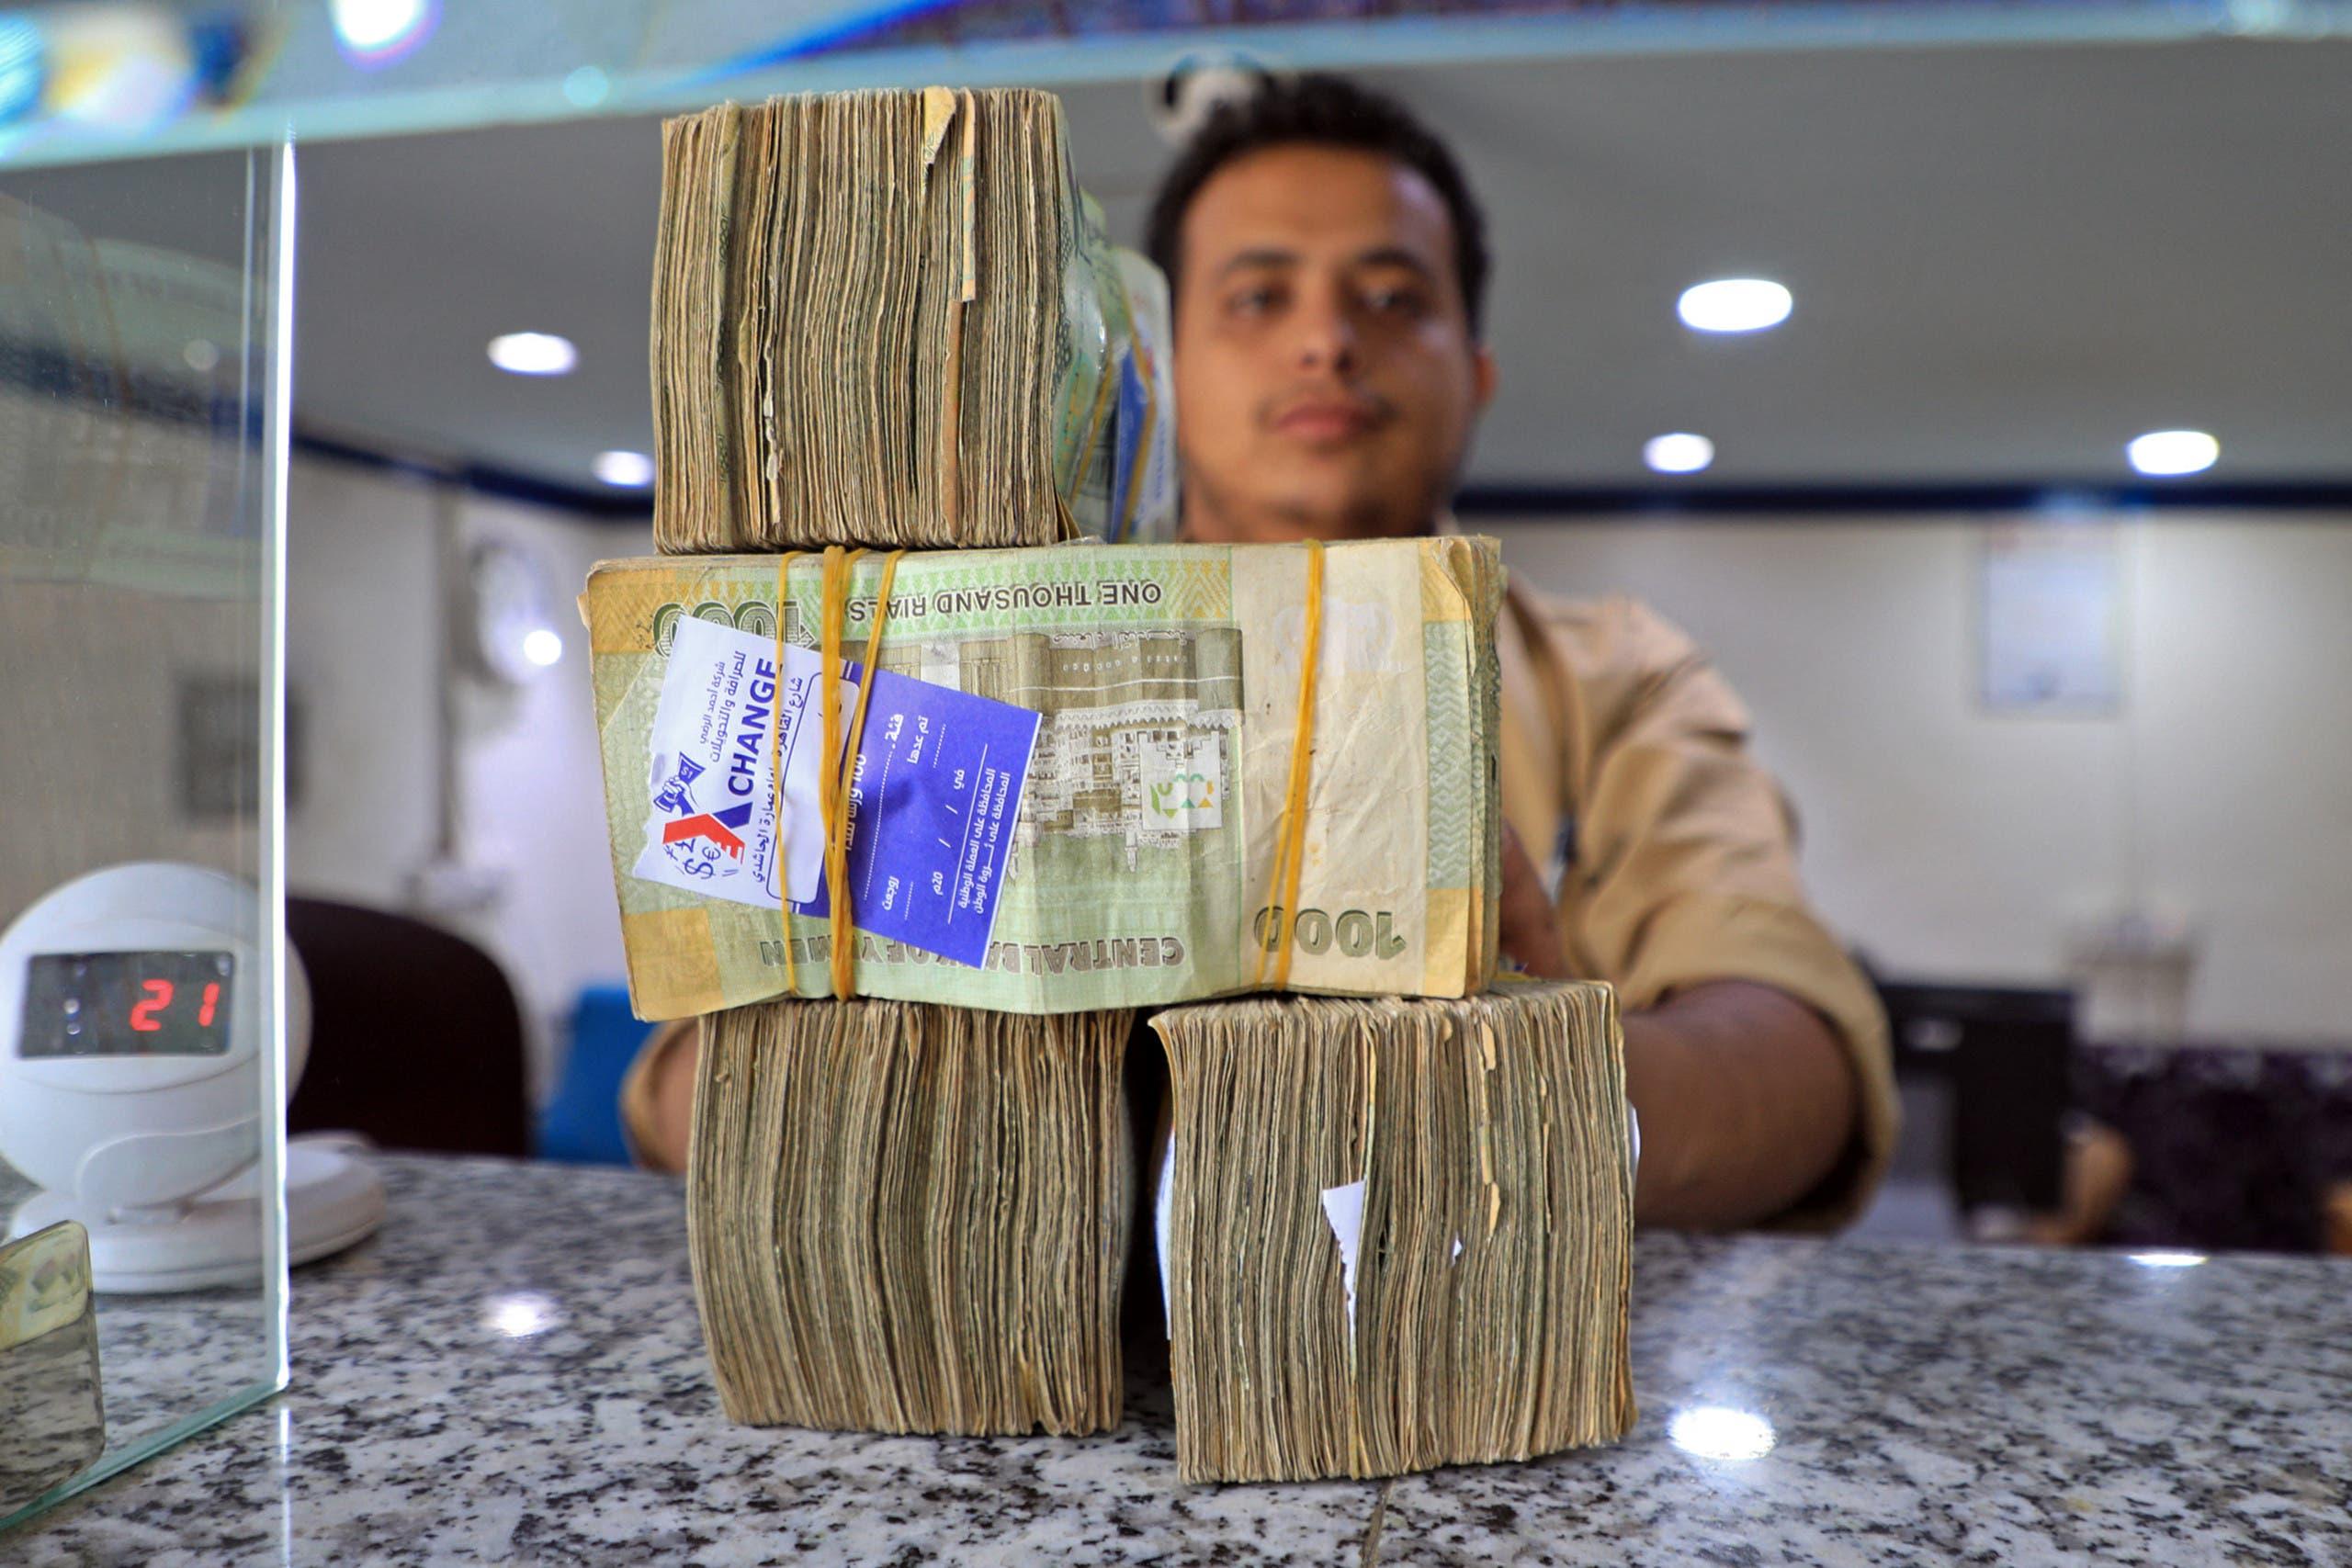 العملة اليمنية التي تدهور سعر صرفها في أحد محلات الصرافة